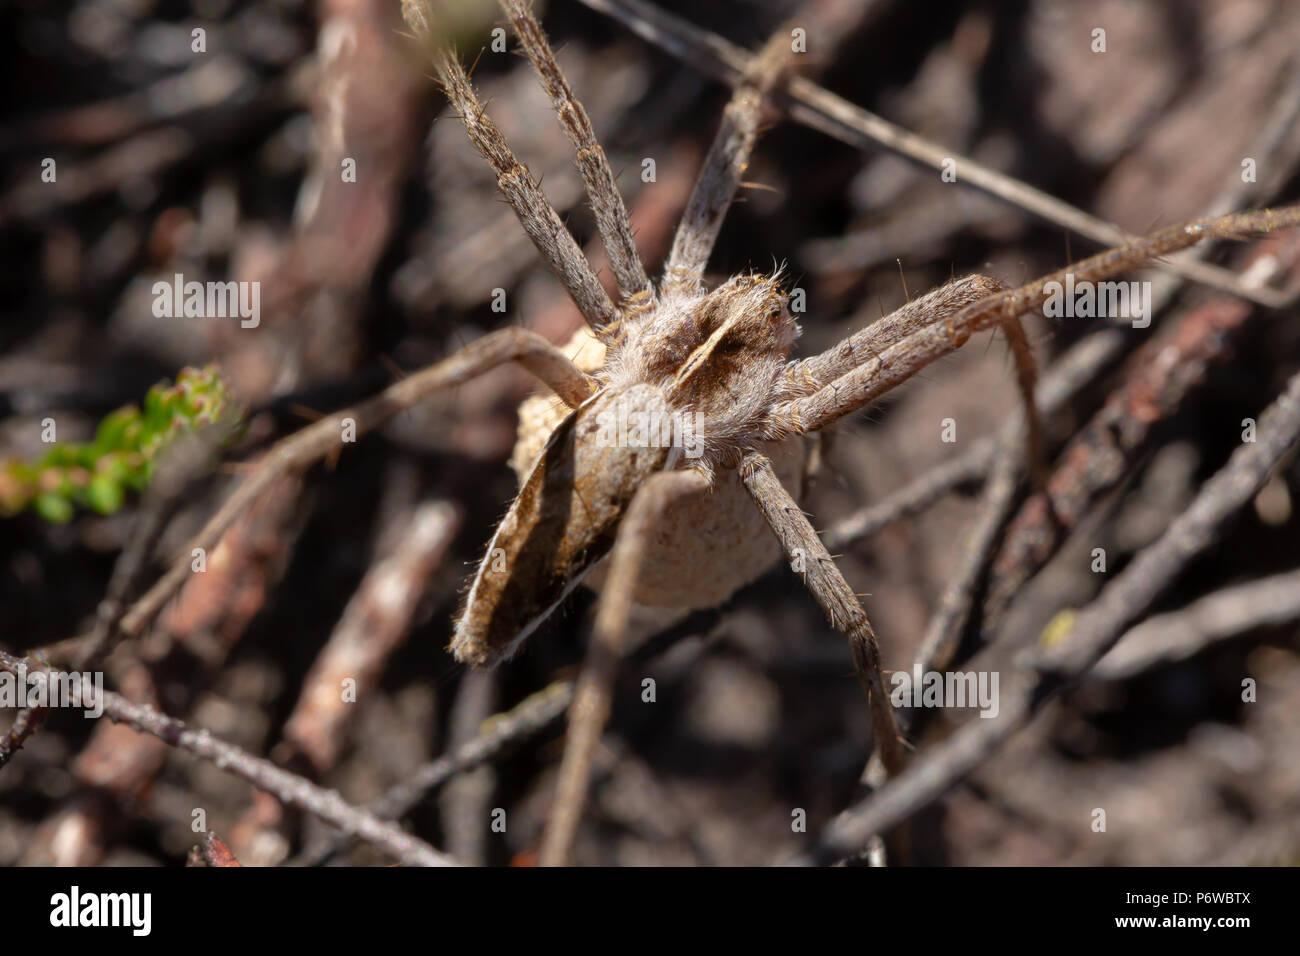 Photo en gros plan des femelles adultes de Spider web pépinière avec un cocon accroché au-dessous de son corps. Trouvé sur heath canford réserve naturelle, Poole. Photo Stock